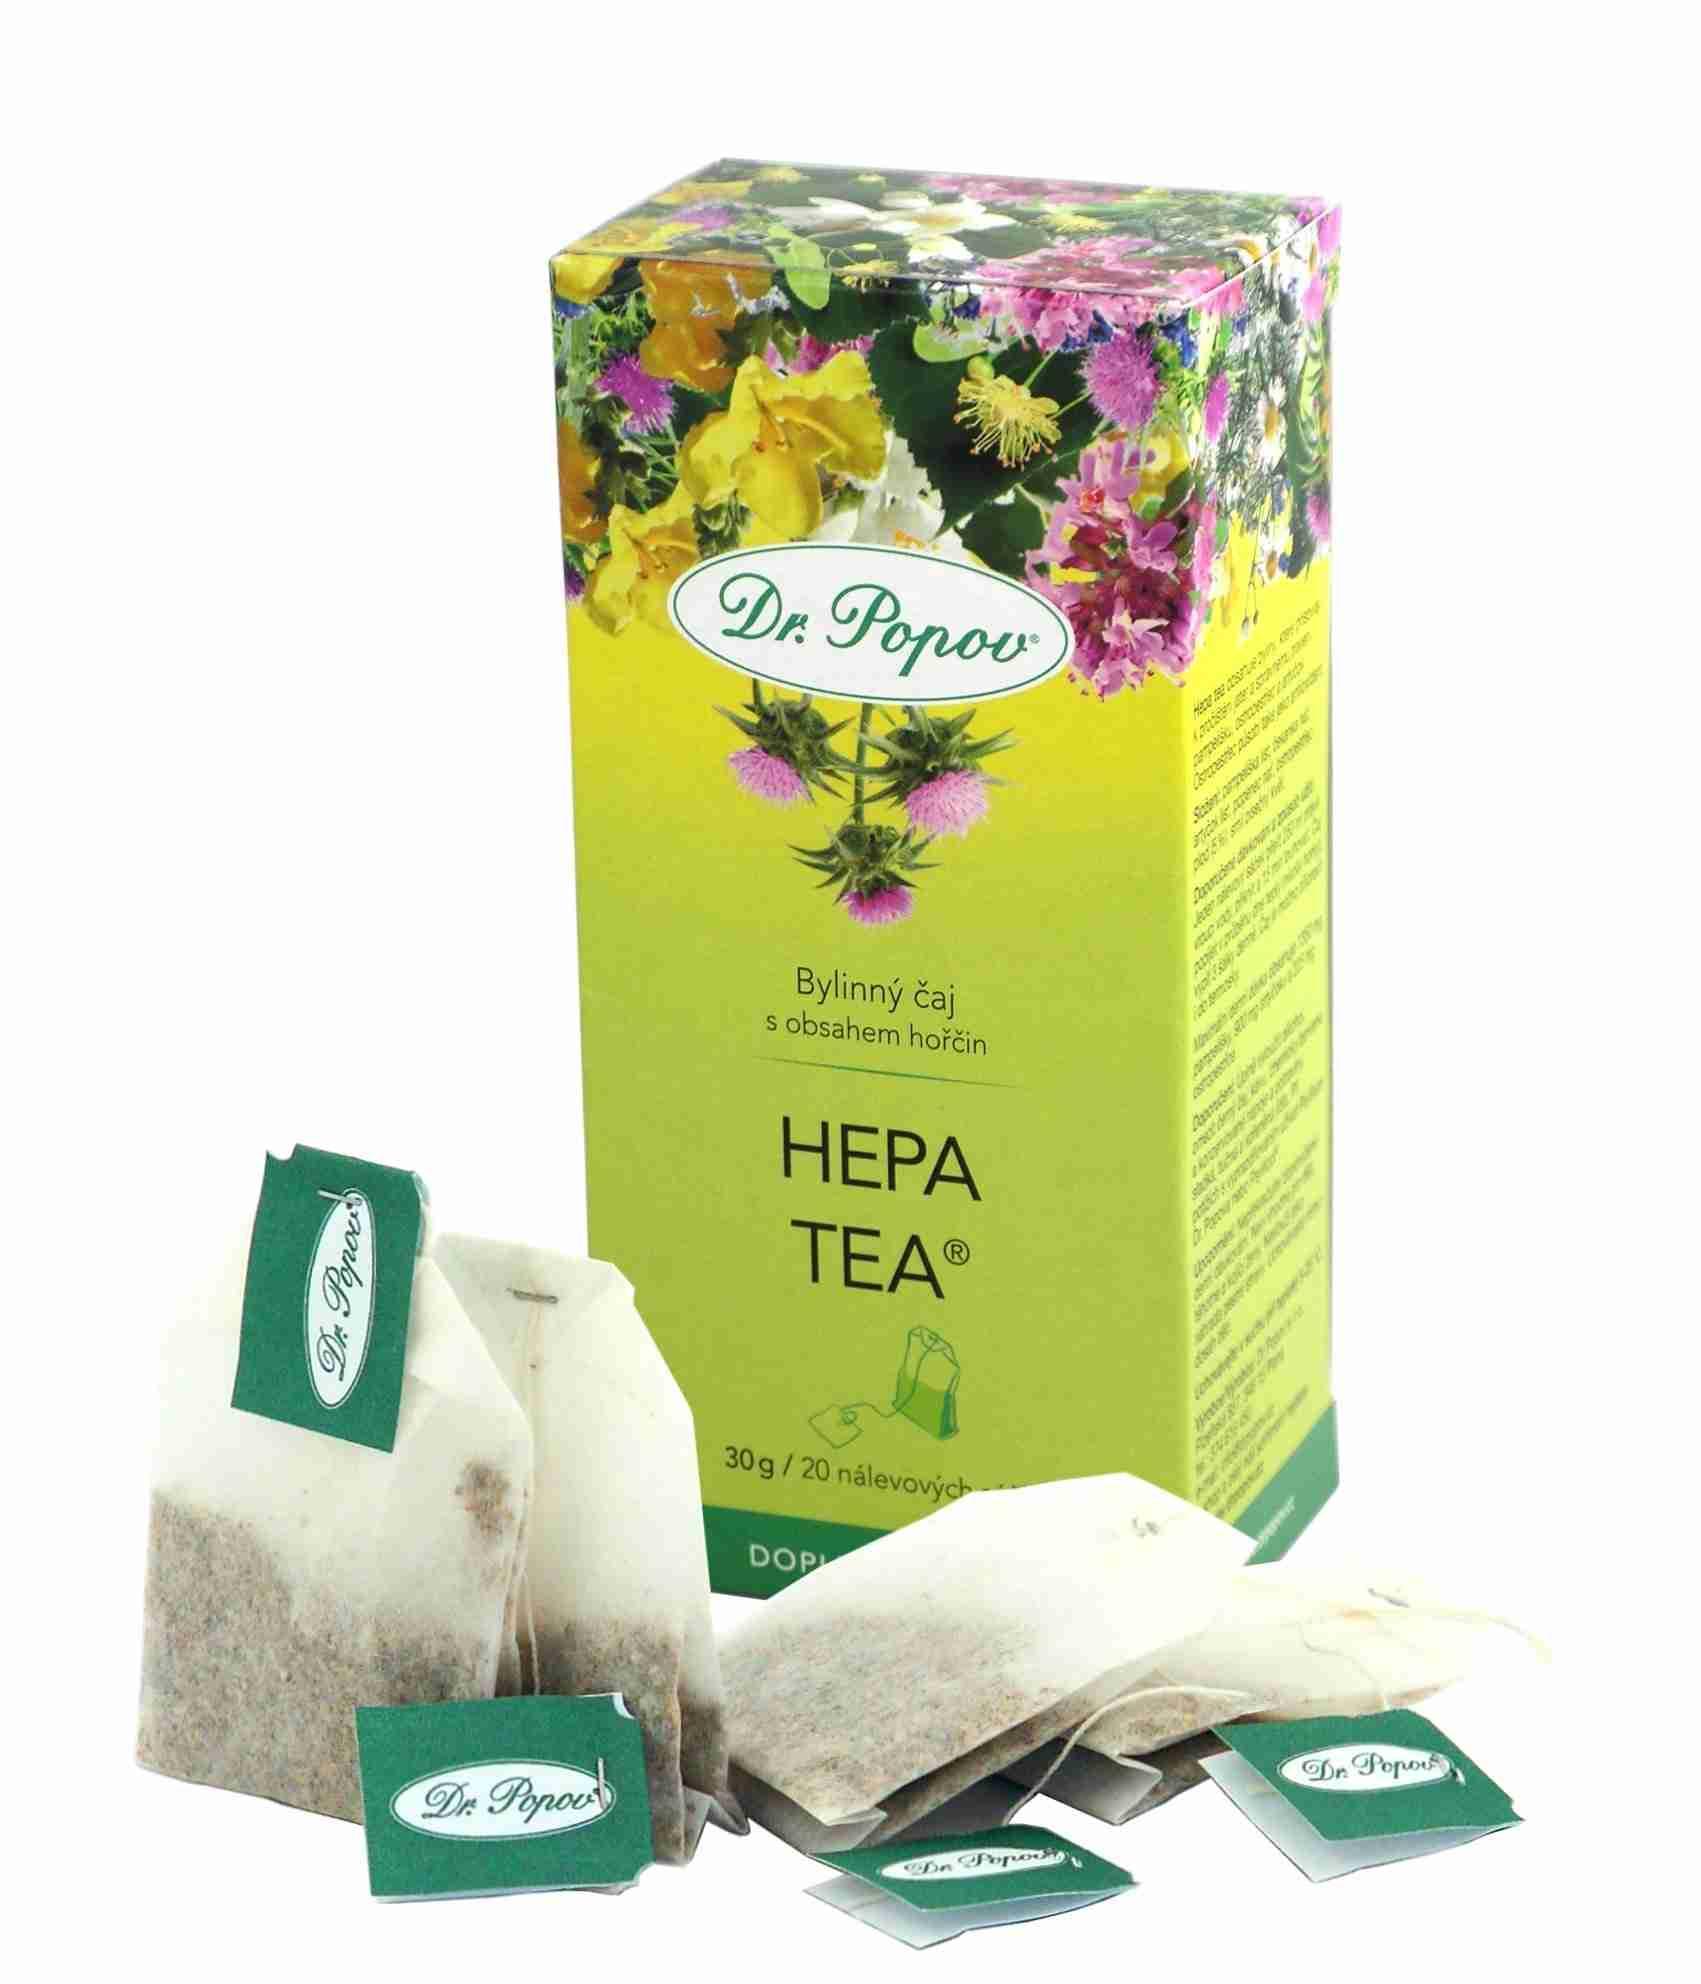 Dr. Popov Hepa tea 30g